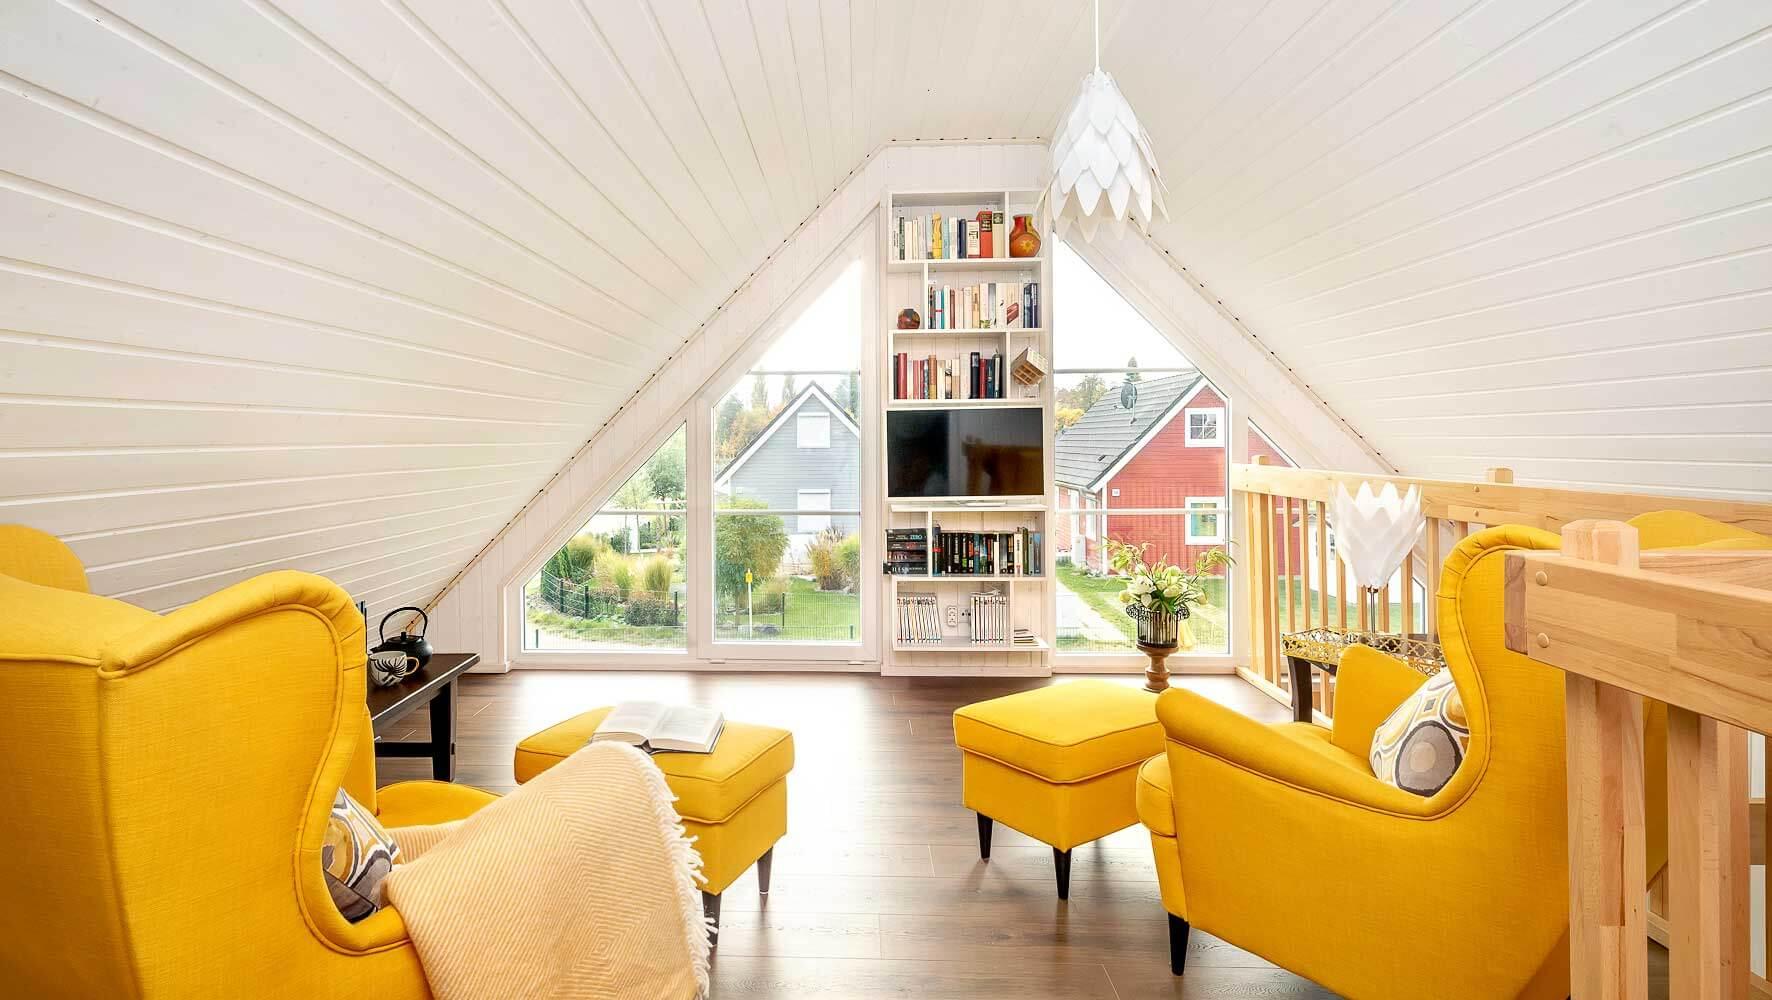 professionelle fotos-ferienhaus-brandenburg-wohnzimmer